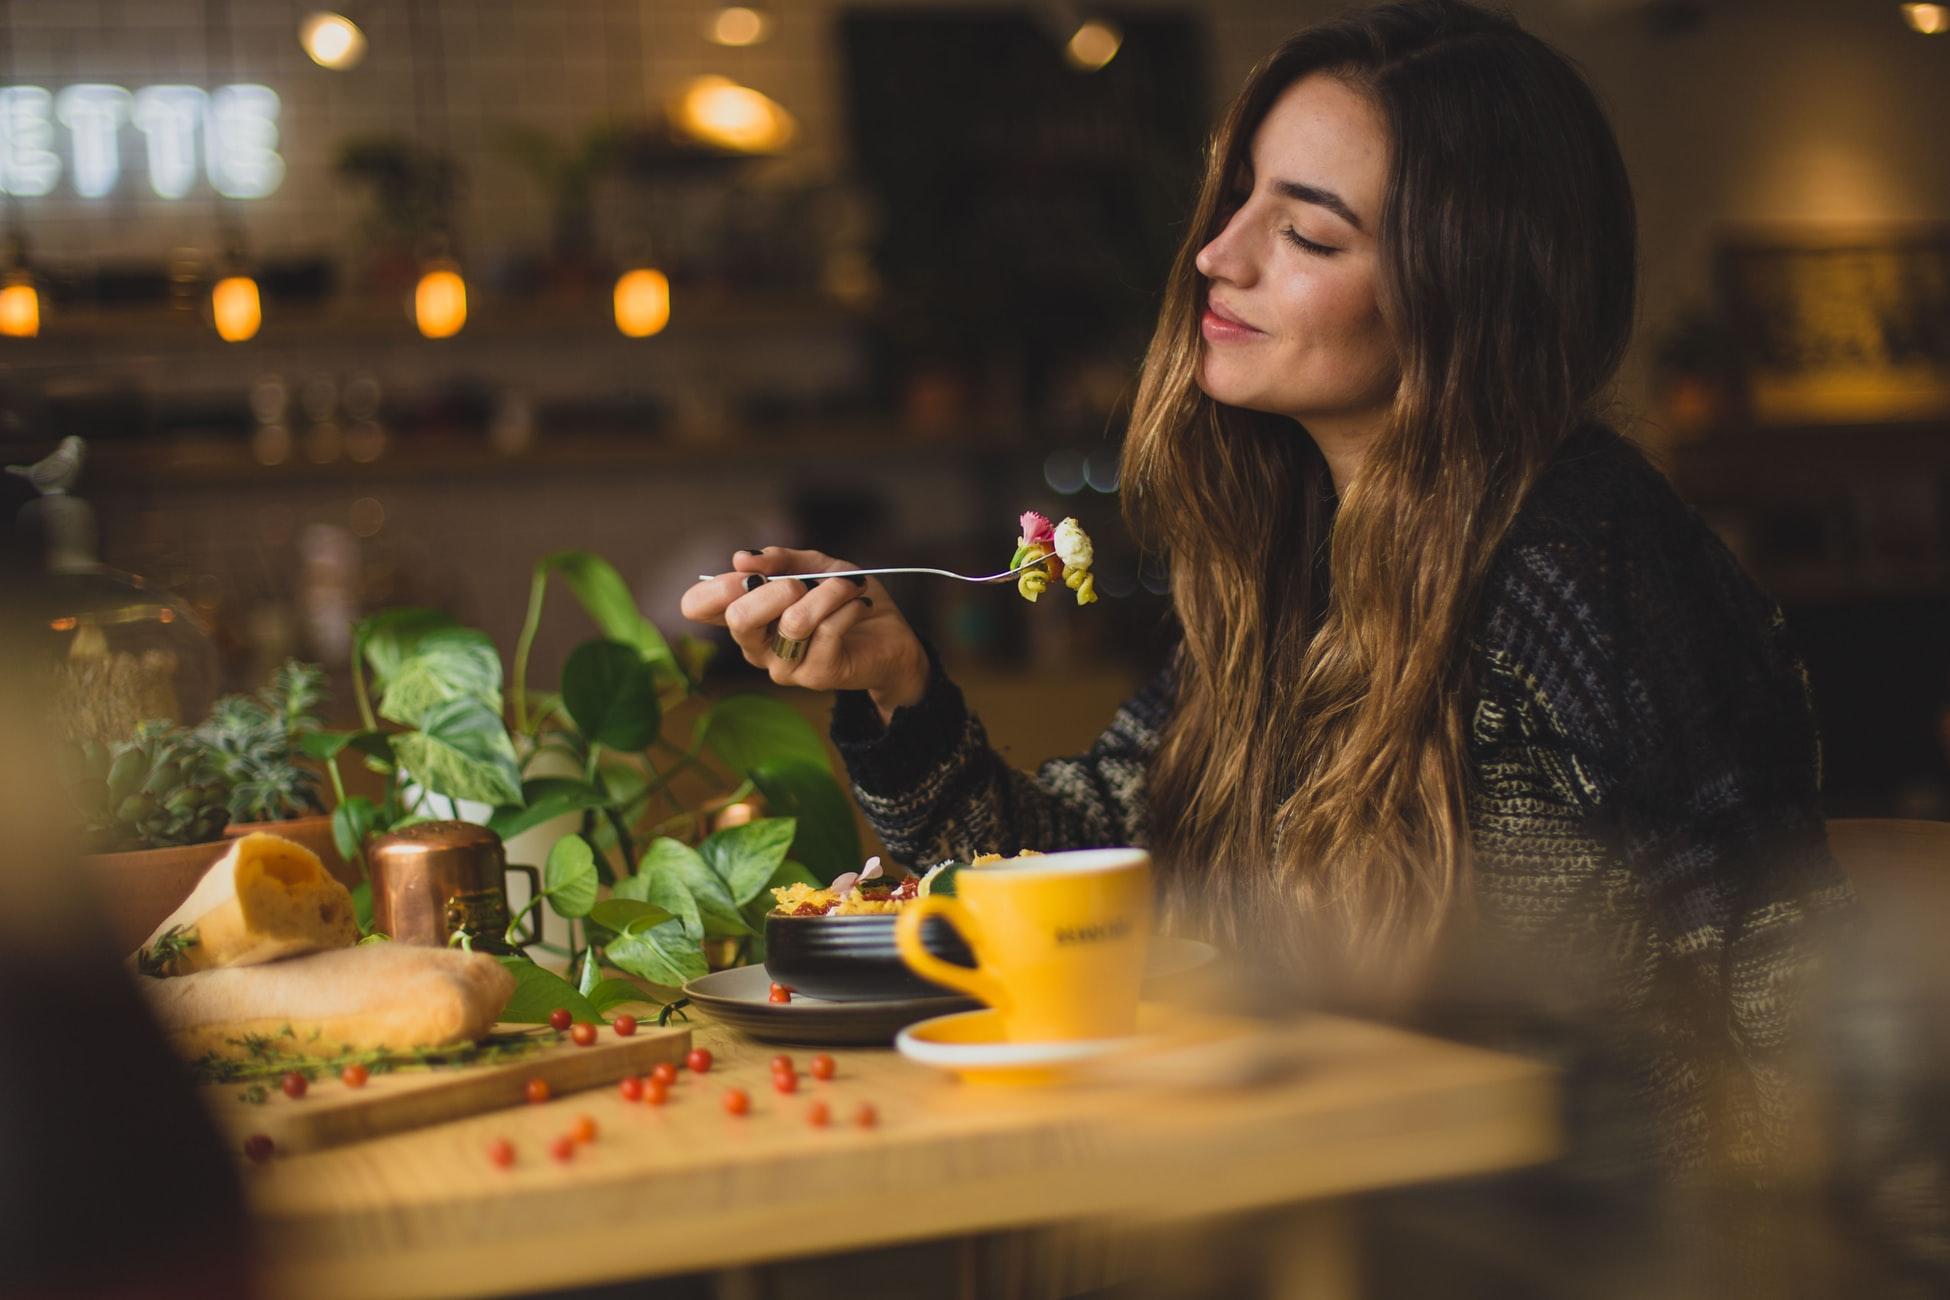 一人で飯を食う女性